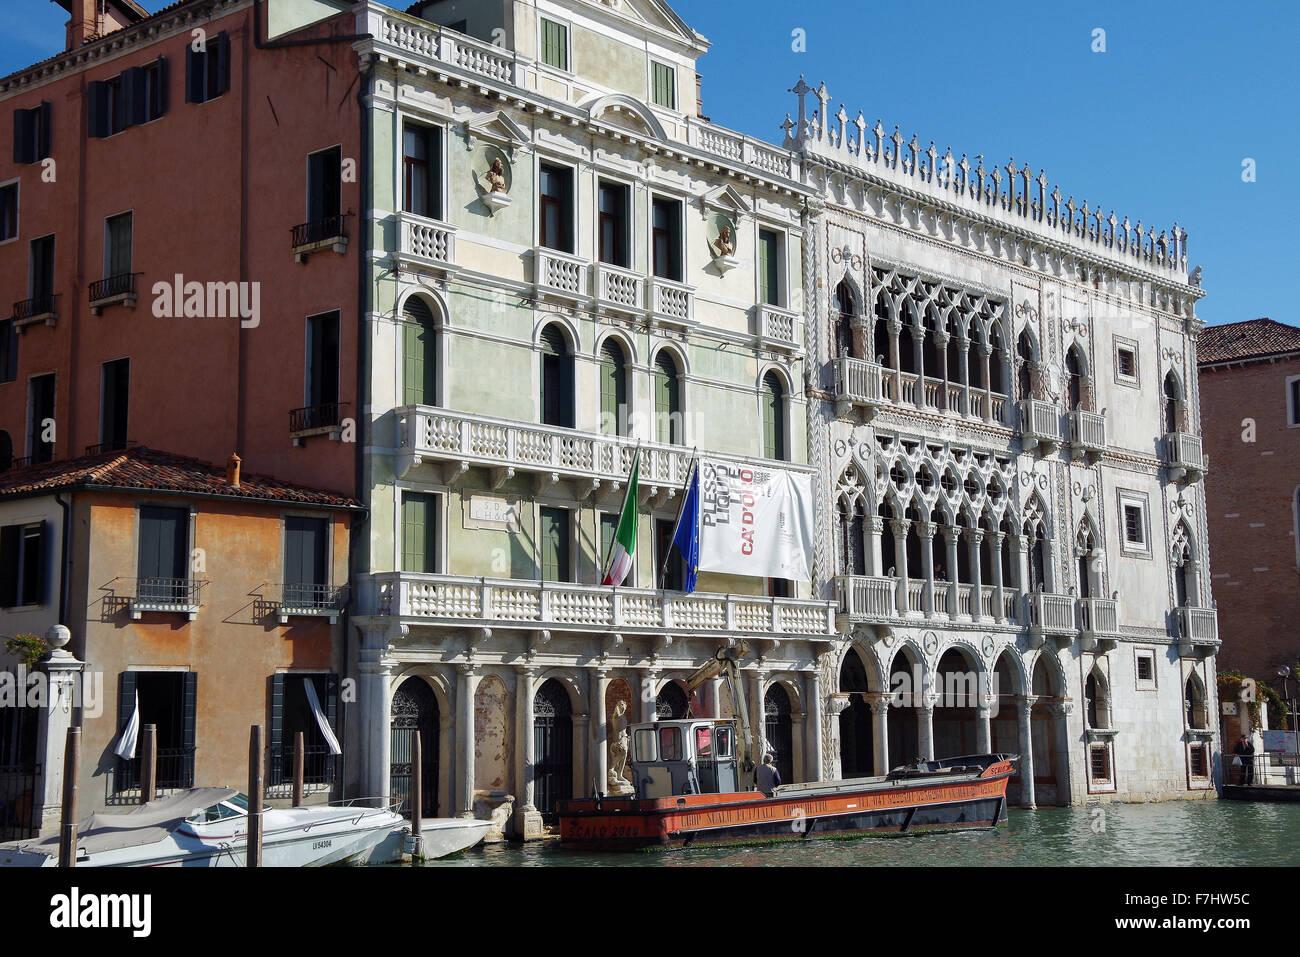 L'Italie, Venise, Ca' d'Oro sur le Grand Canal, en contexte Photo Stock